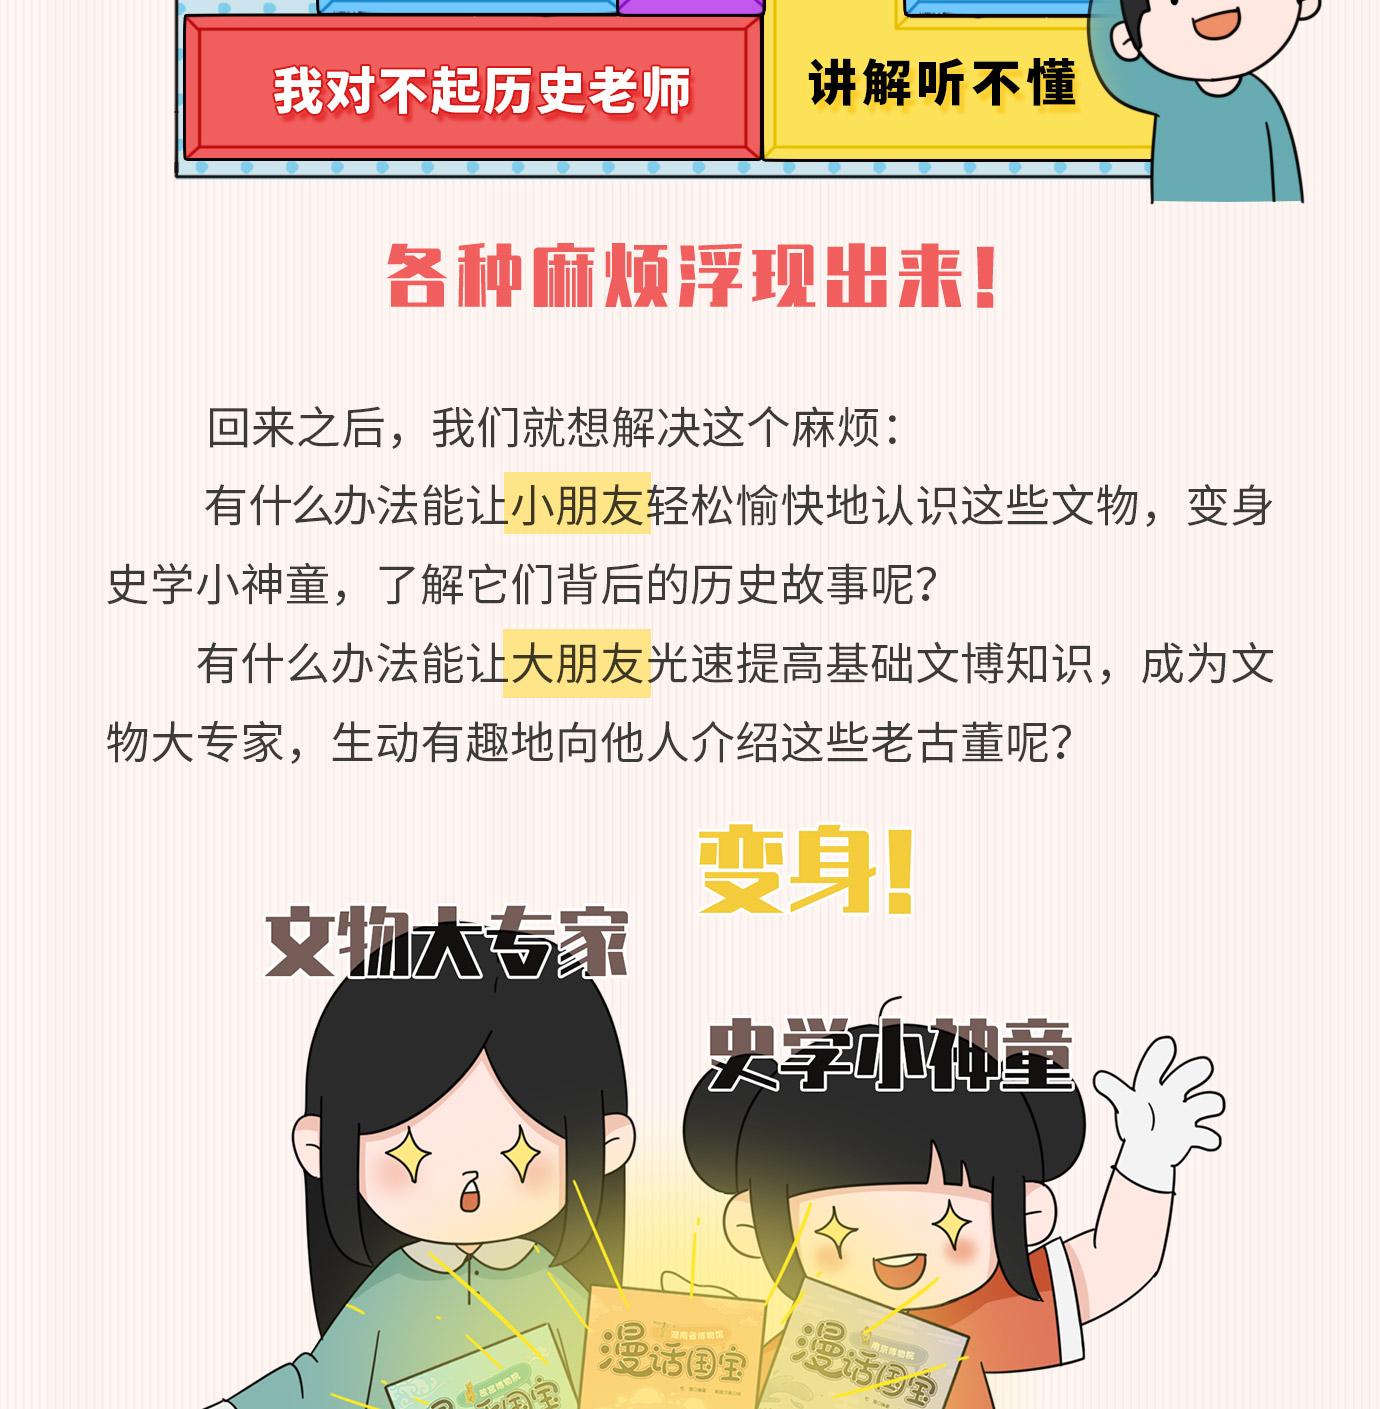 漫话国宝 (15).jpg